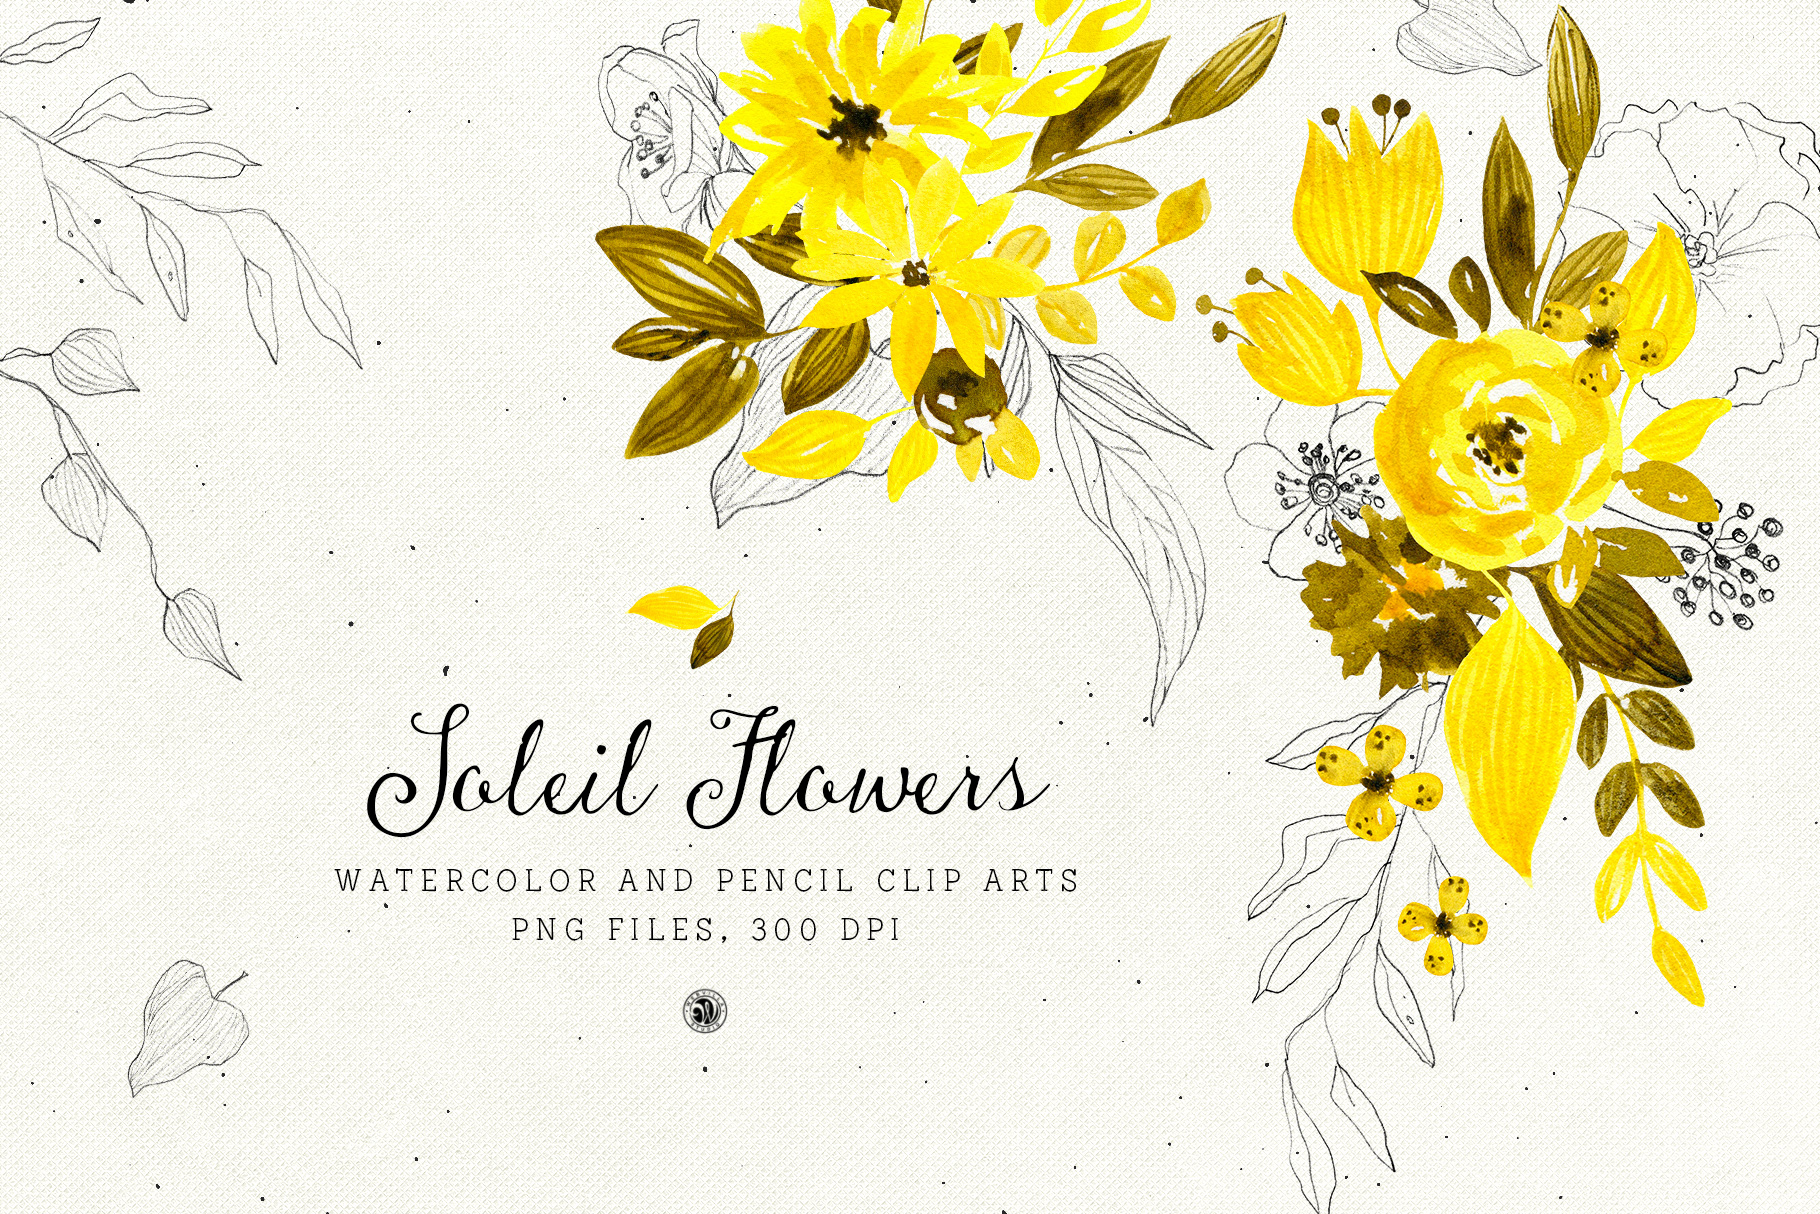 Soleil Flowers - Price $10